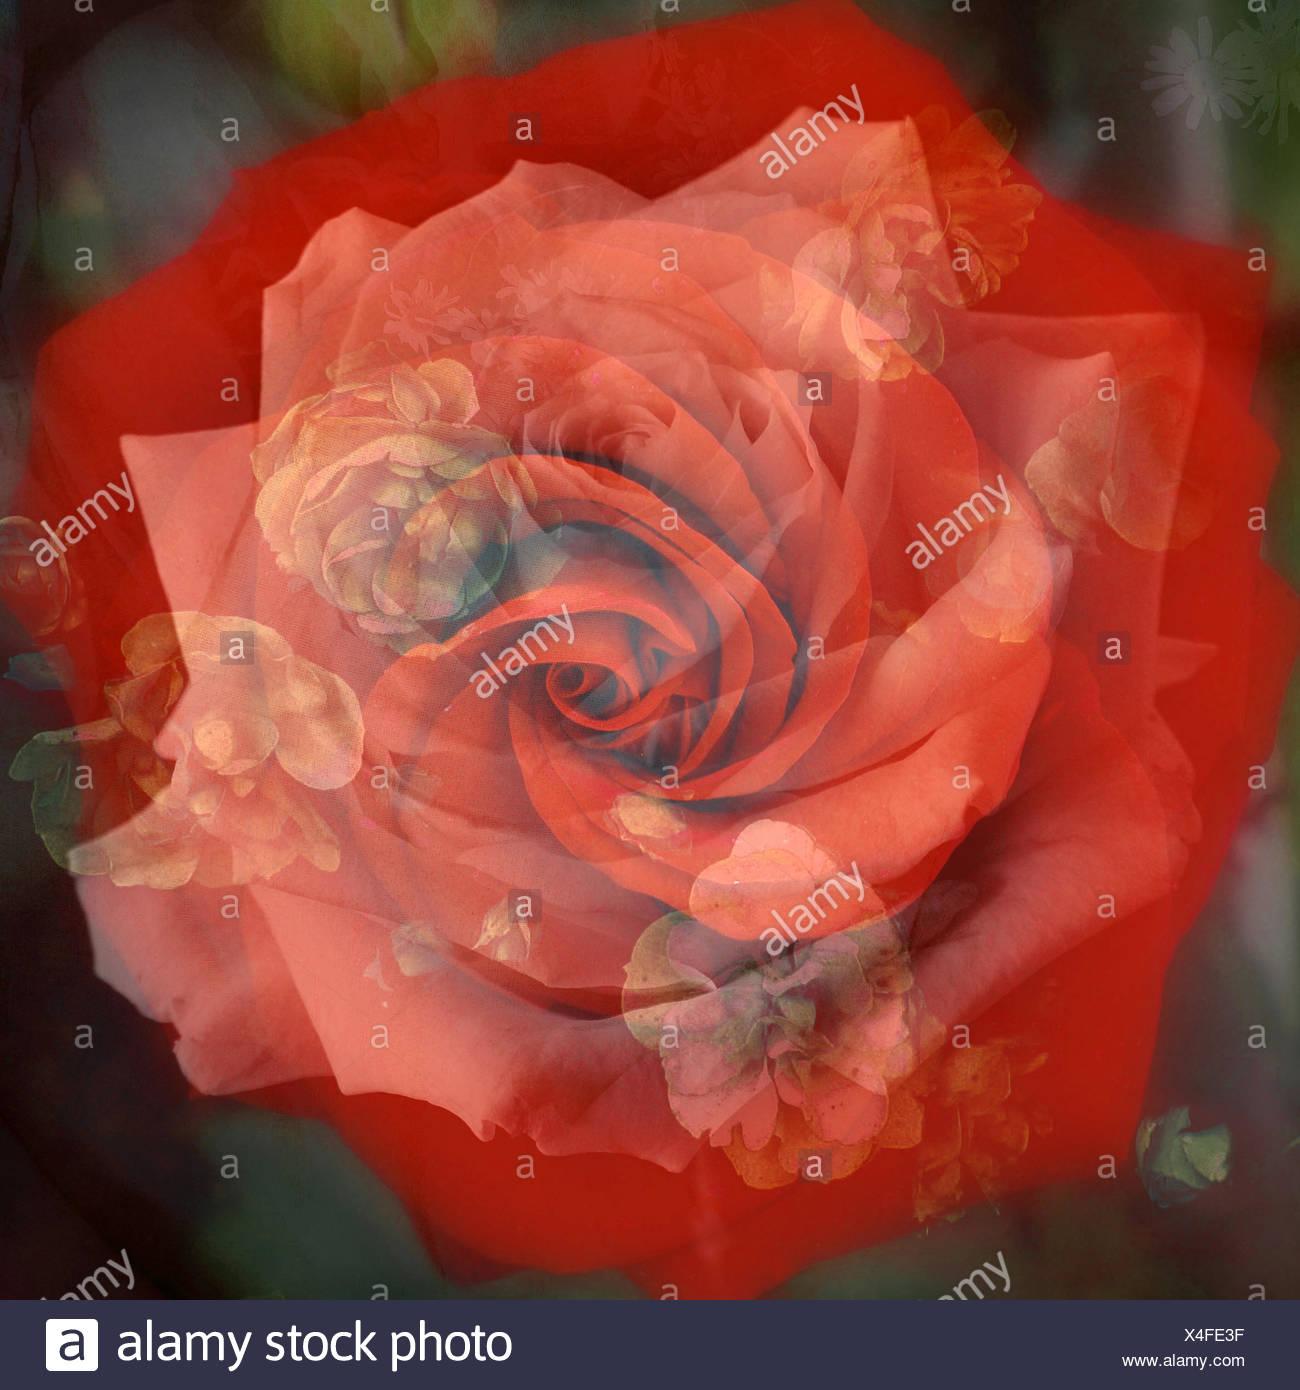 La Composizione Di Una Rosa Rossa Con Fiori Di Colore Bianco Infront